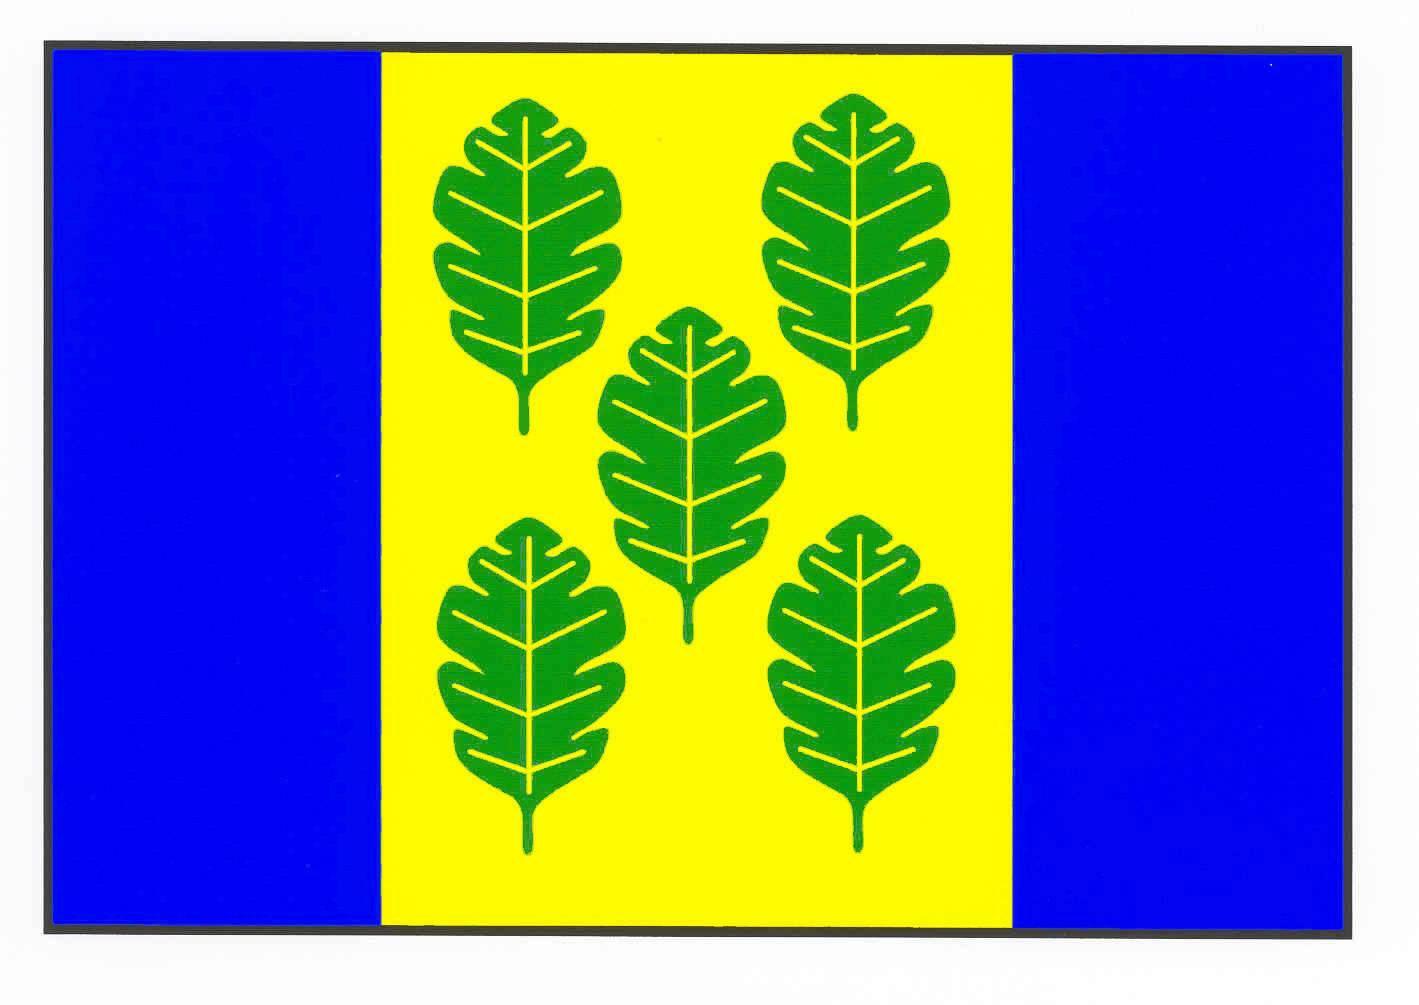 Flagge GemeindeNehmten, Kreis Plön